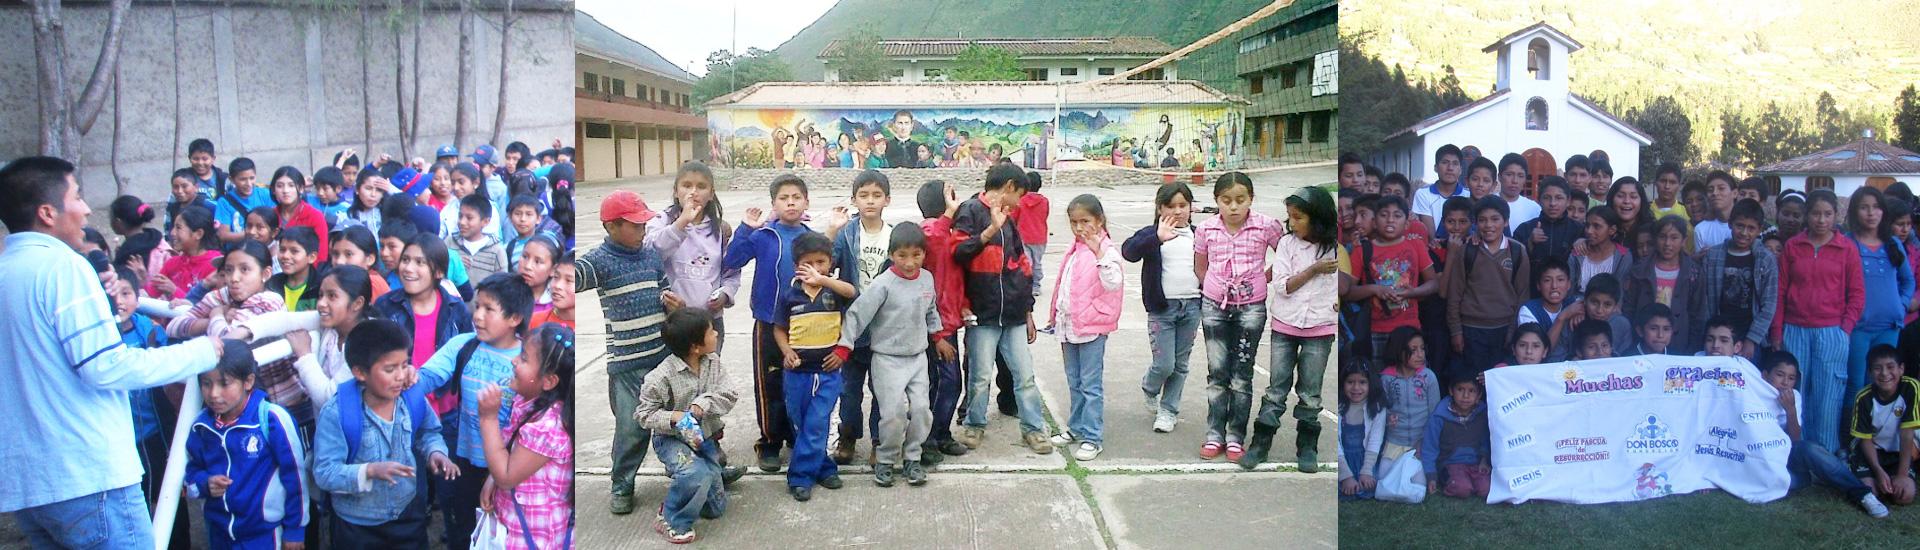 Instalaciones renovadas para los menores del Hogar Don Bosco en Calca